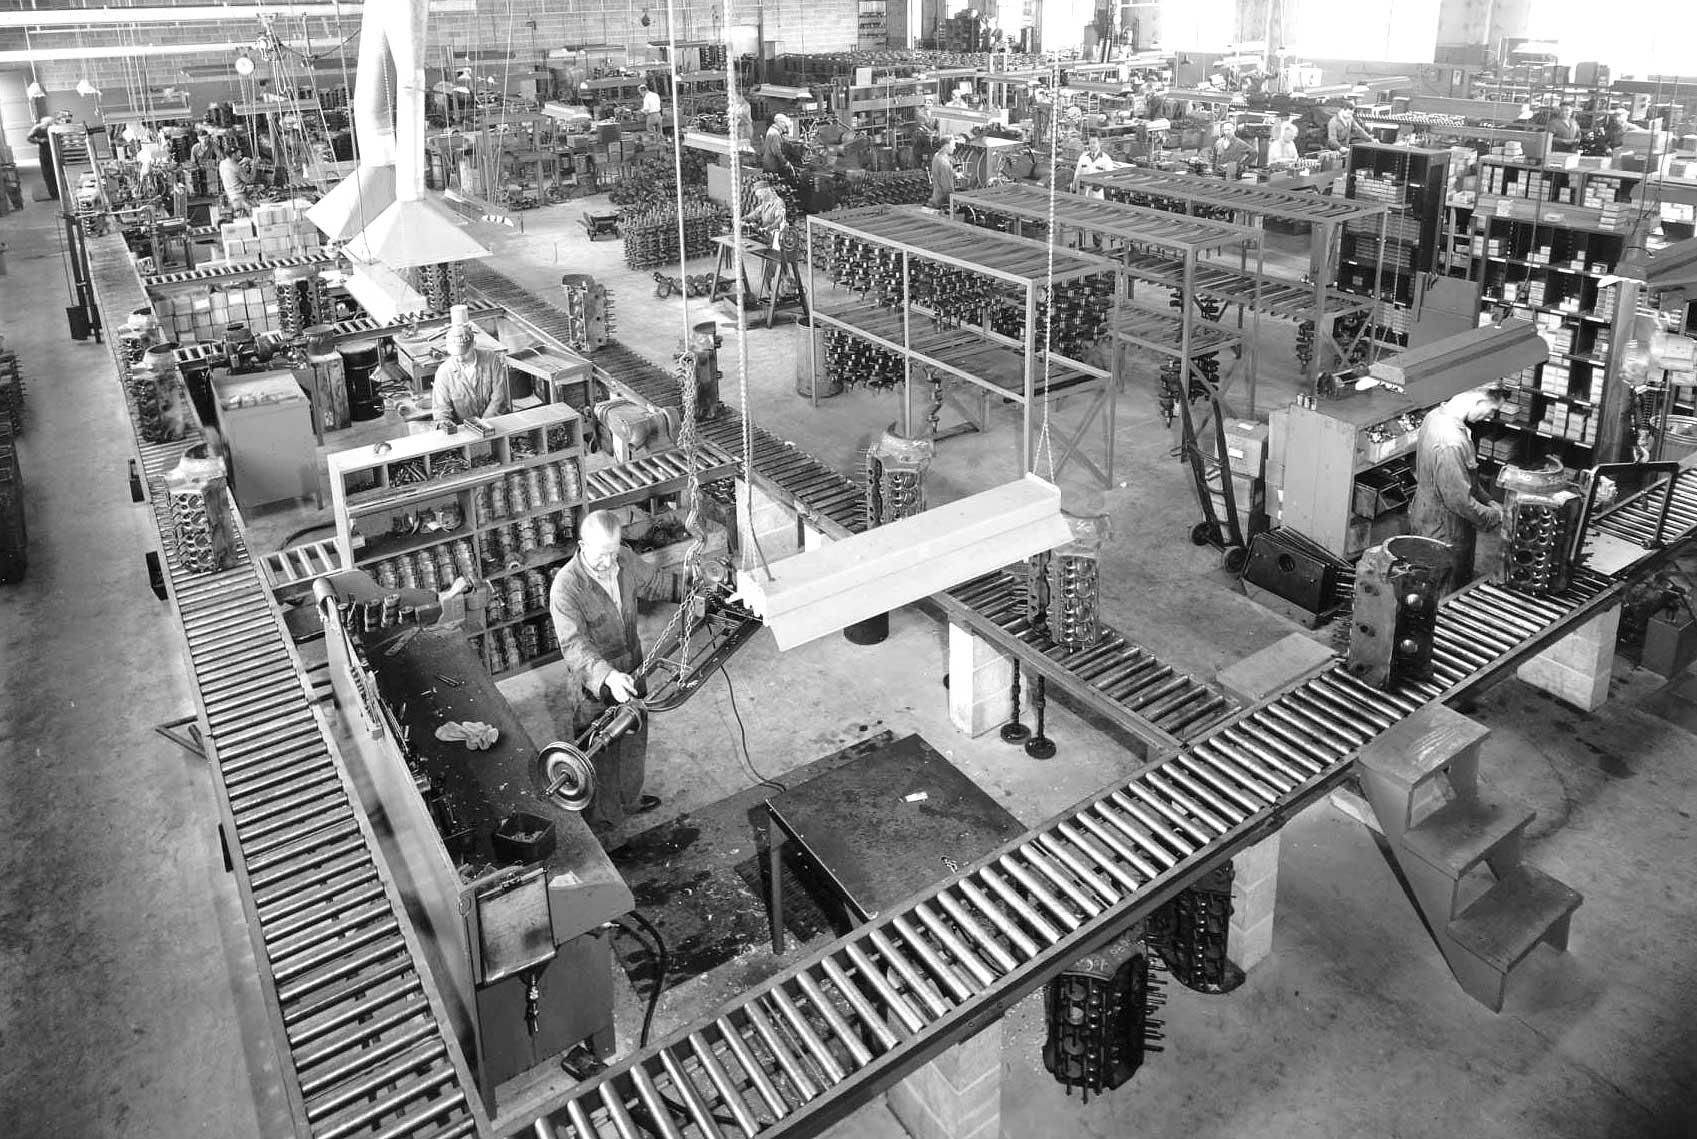 Post War Flathead V-8 Ford Engine Rebuilder Shop Tour Part